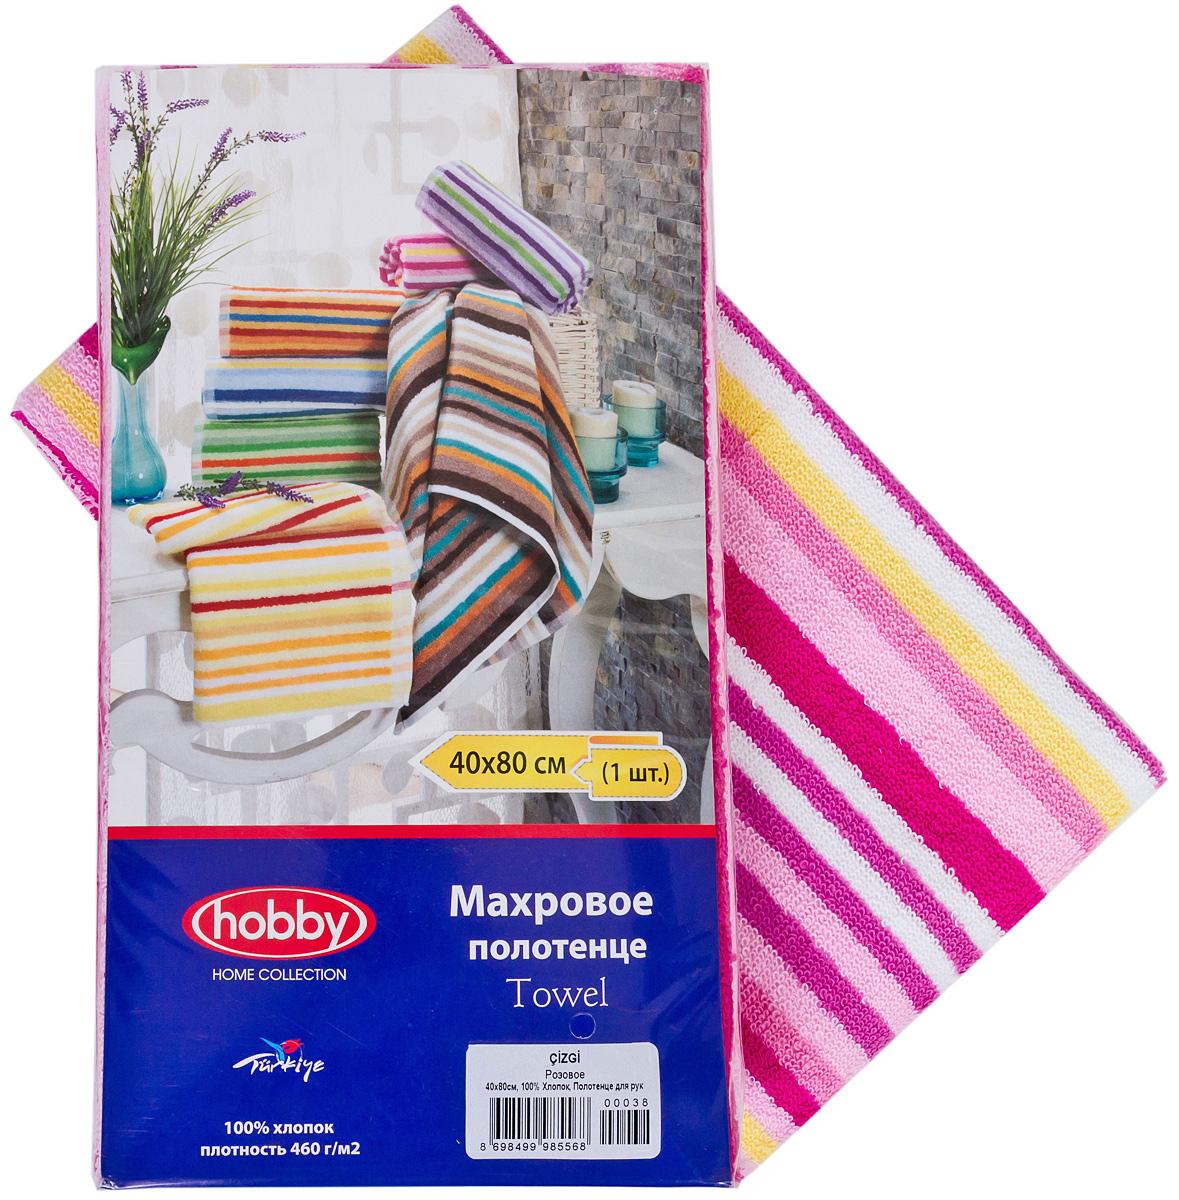 Полотенце Hobby Home Collection Cizgi, цвет: белый, розовый, желтый, 40 х 80 смU210DFПолотенце Hobby Home Collection Cizgi выполнено из 100% хлопка. Изделие отлично впитывает влагу, быстро сохнет, сохраняет яркость цвета и не теряет форму даже после многократных стирок. Такое полотенце очень практично и неприхотливо в уходе. А простой, но стильный дизайн полотенца позволит ему вписаться даже в классический интерьер ванной комнаты.